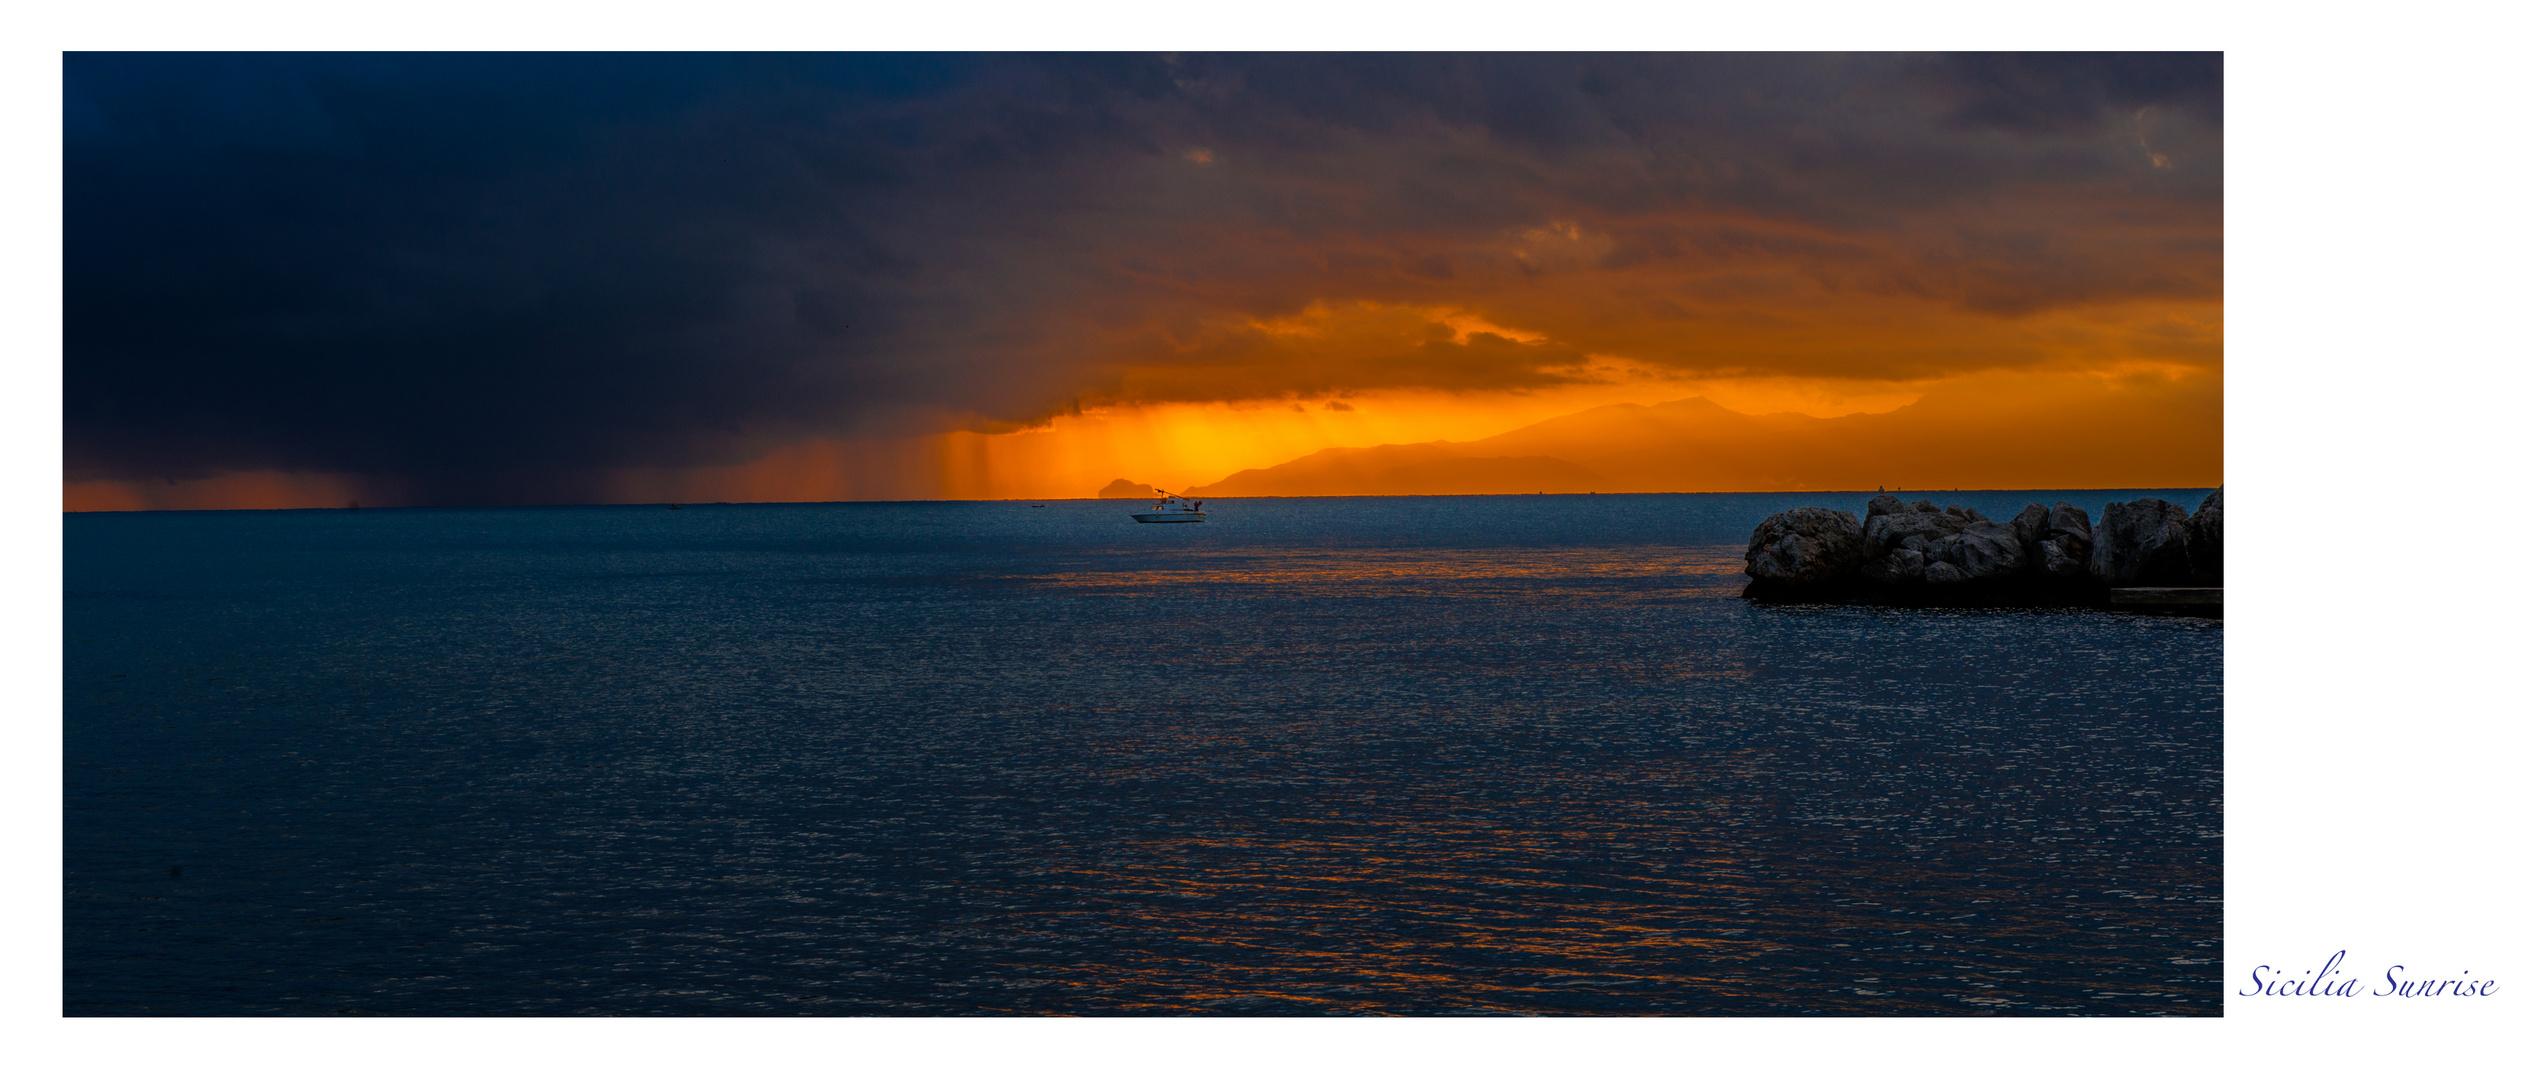 Sicilia Sunreise